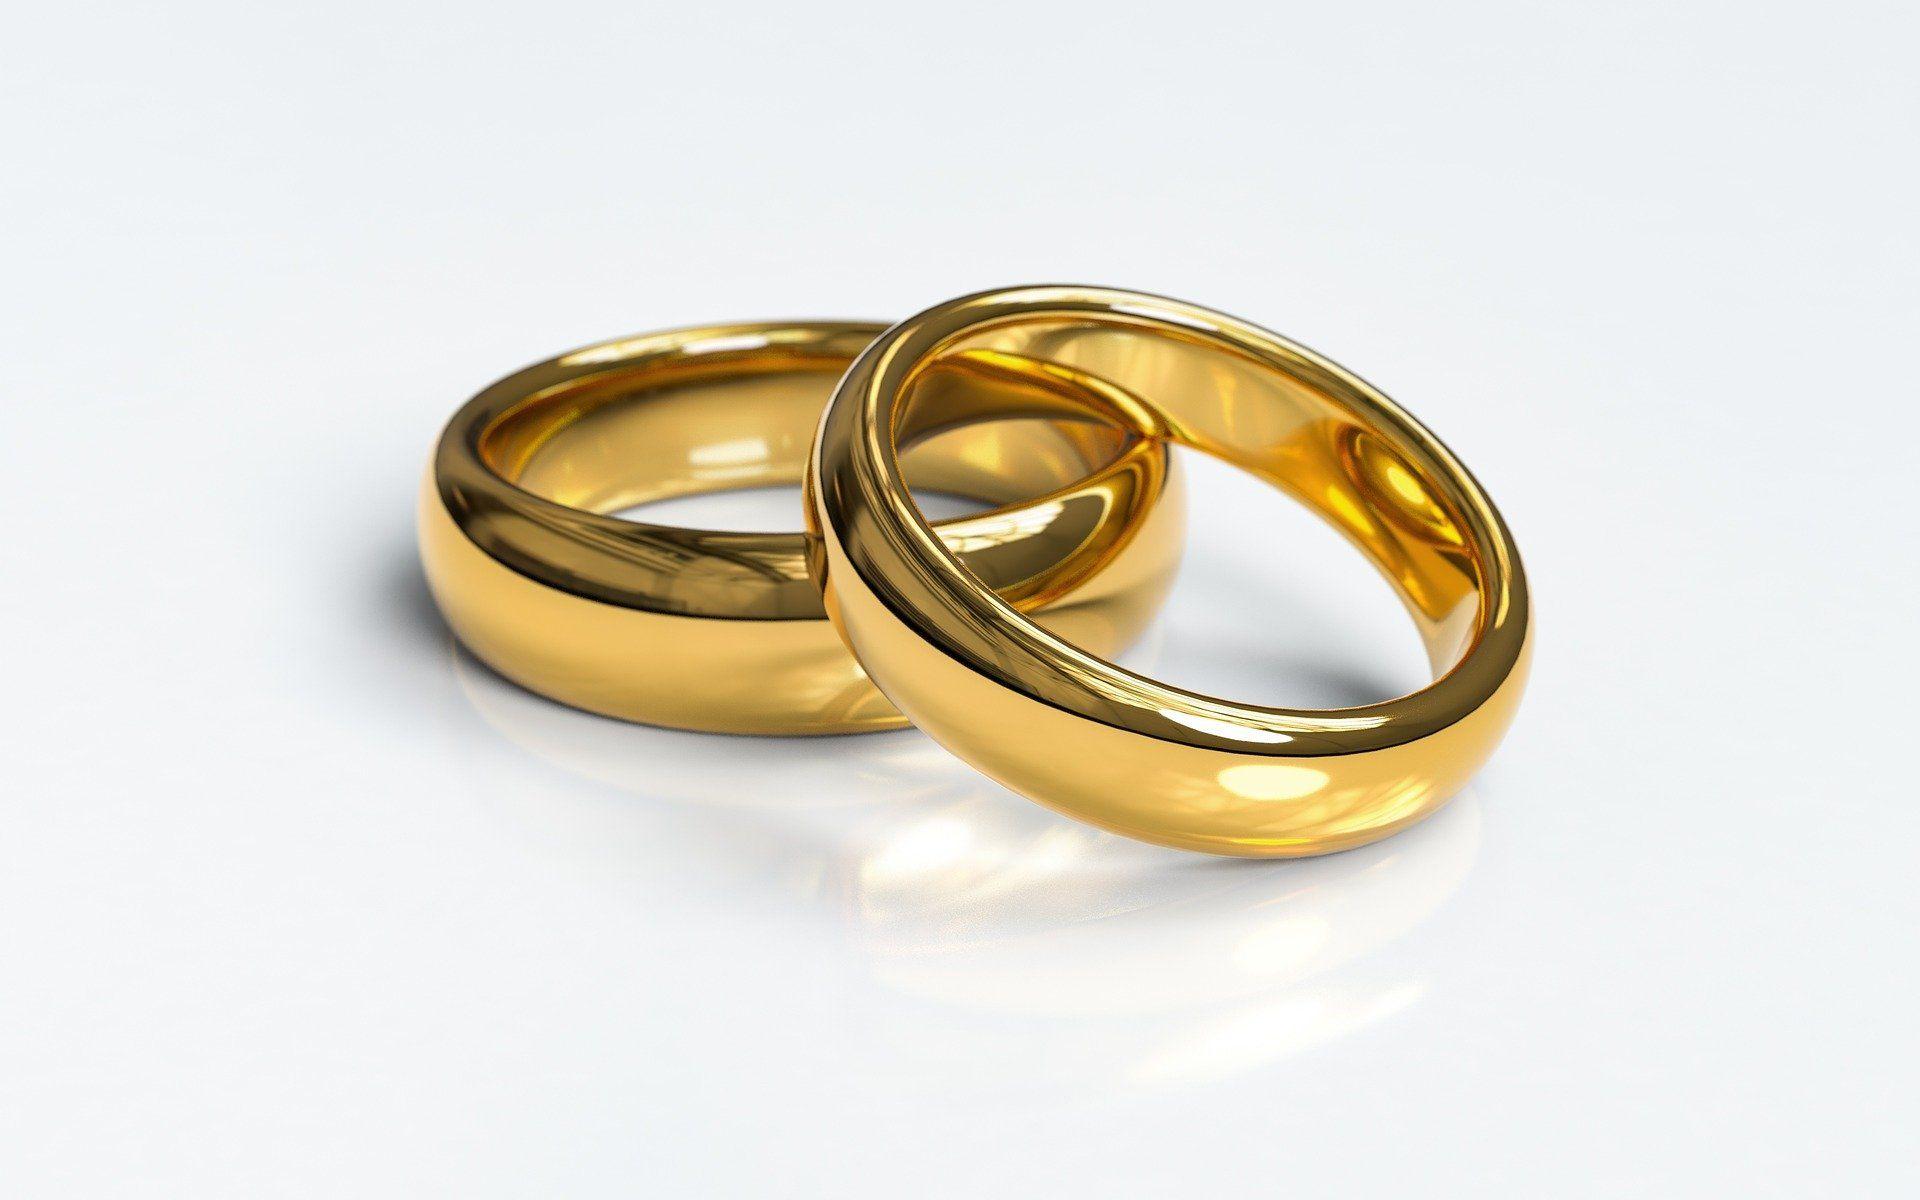 Klassisch und mit Stil - sind tolle Ringe ein Muss